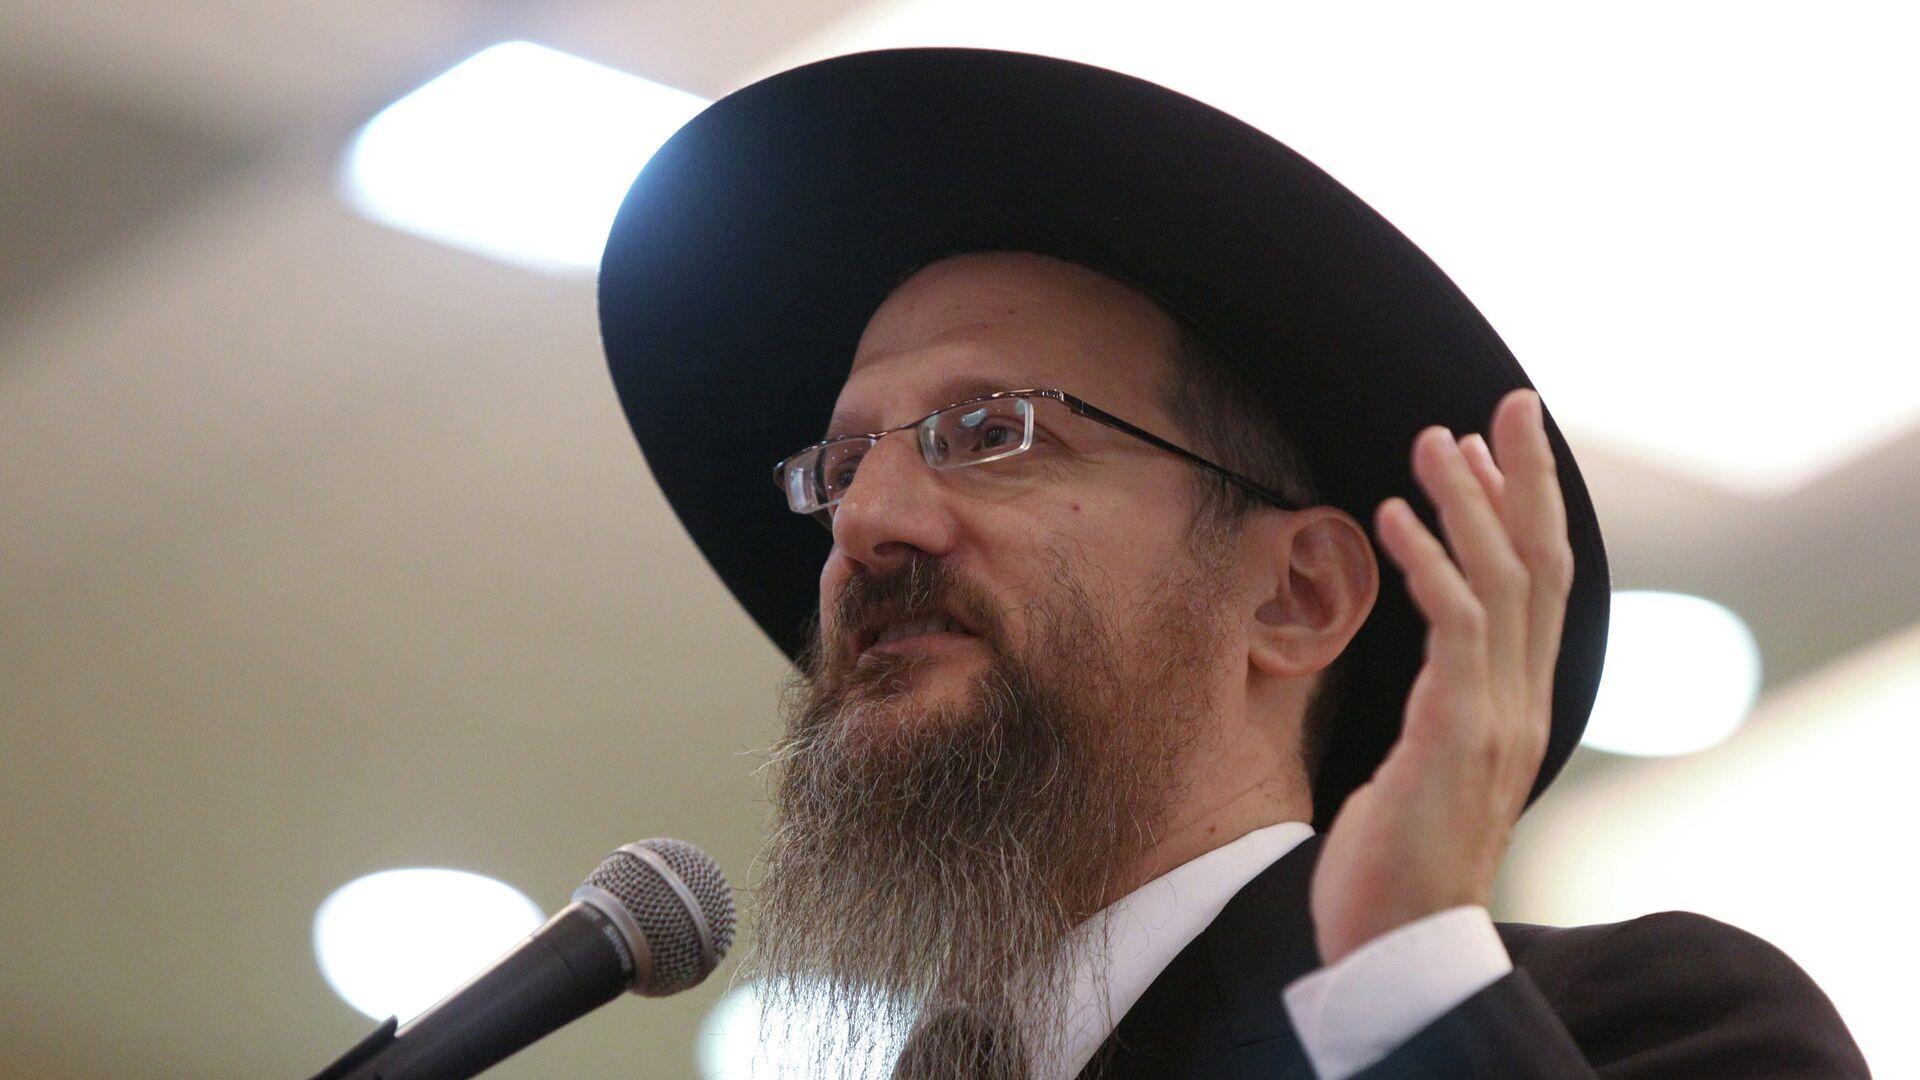 Празднование еврейского Нового года Рош Ха-Шана - РИА Новости, 1920, 11.10.2016